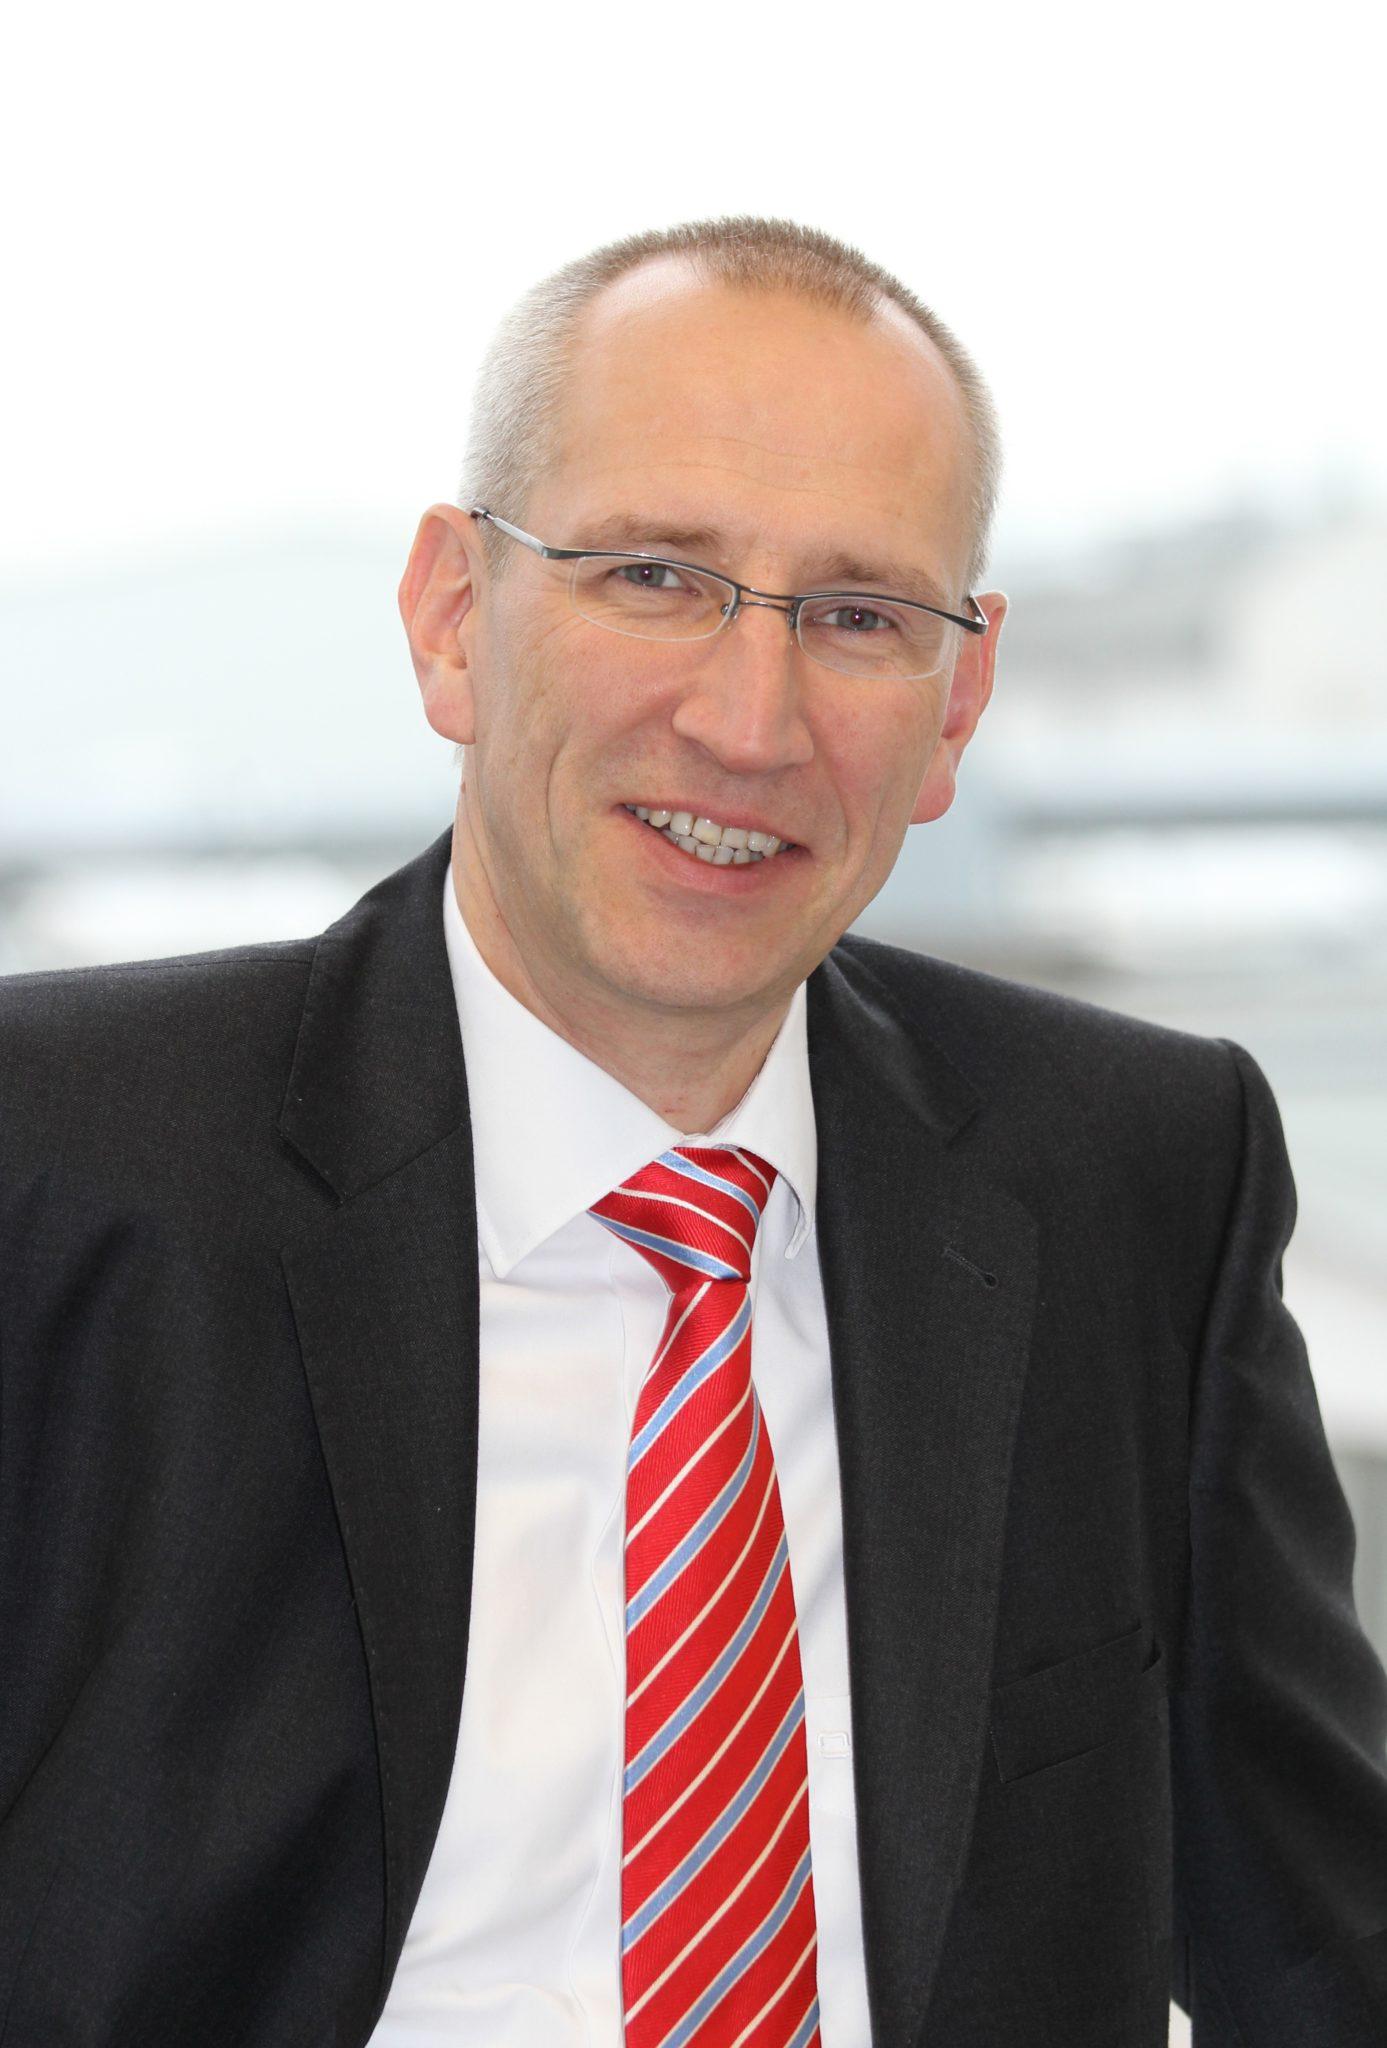 Kreative Ideen erfolgreich umgesetzt: Dr. Thomas Krönke ist Unternehmensnachfolger bei IGP Chemie